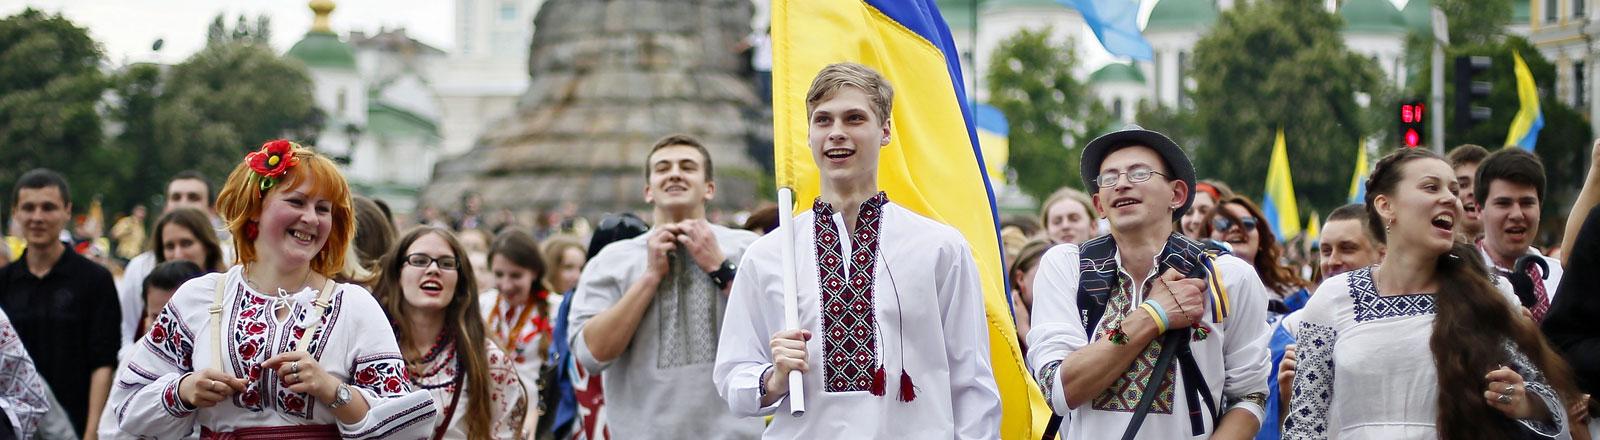 Junge Ukrainer in traditioneller Tracht mit Nationalflaggen im Mai 2014 in Kiew.